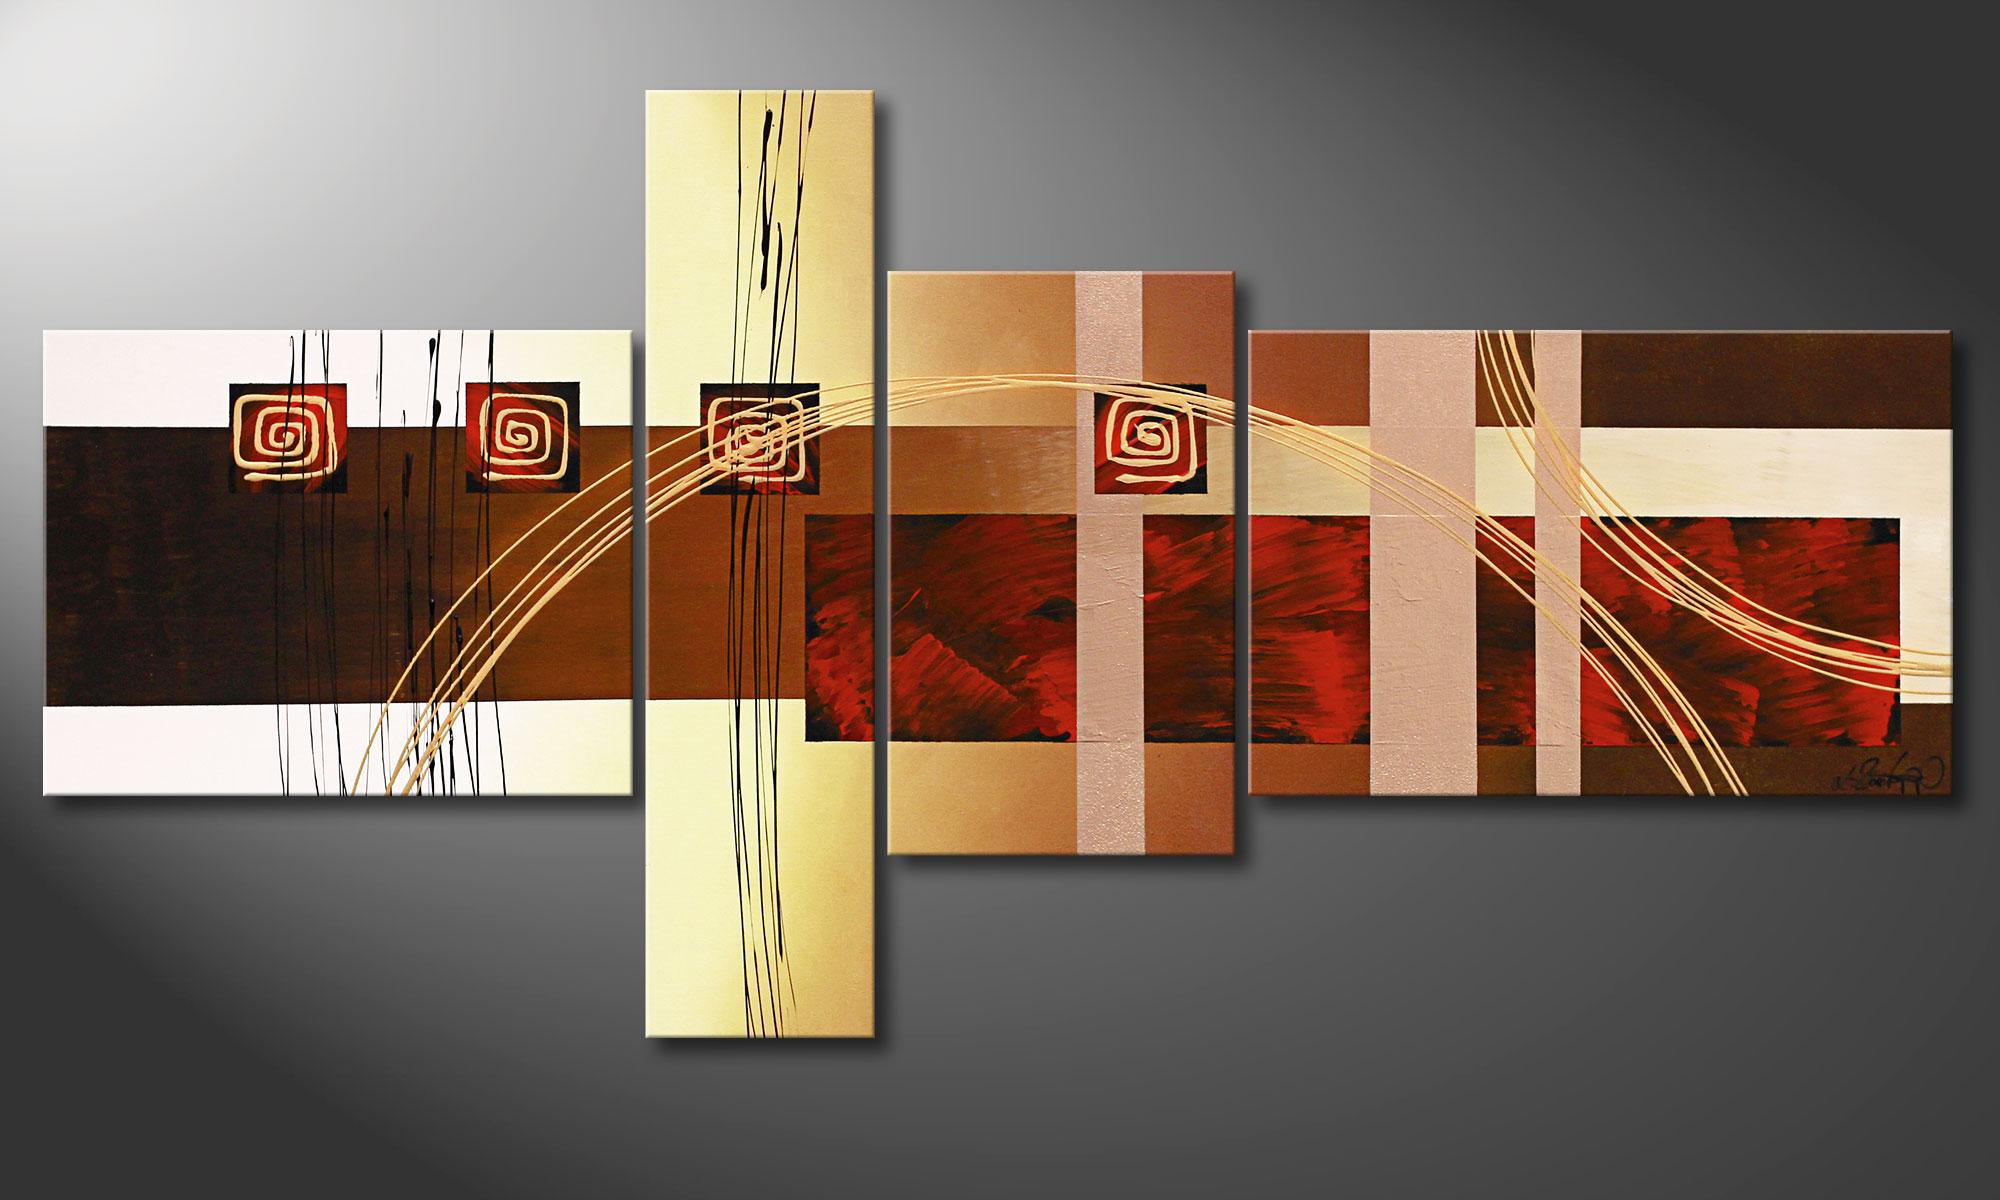 Woonkamer schilderij Golden Ways 160x80cm - Schilderij XXL